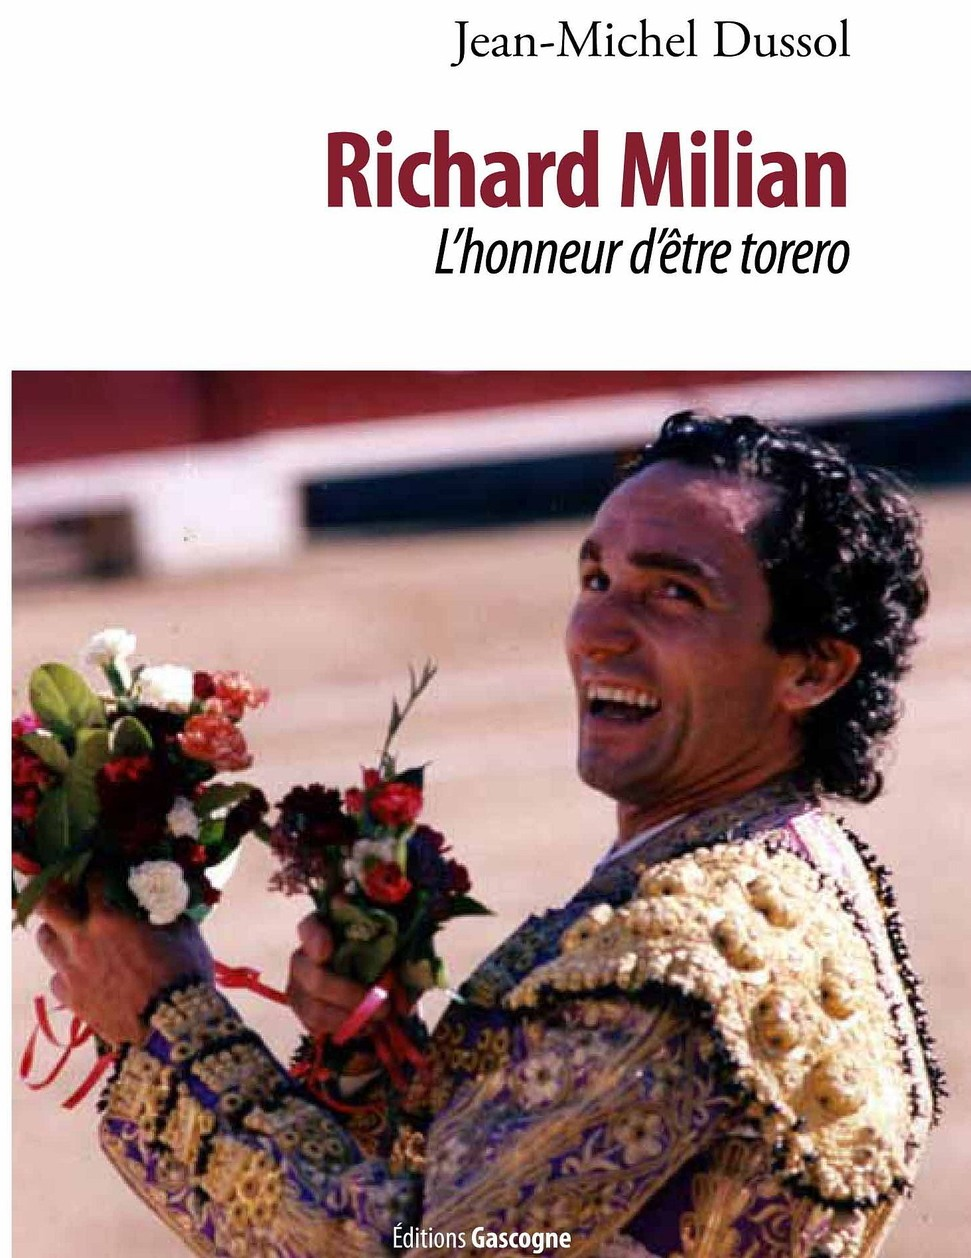 Présentation du livre : Richard Milian - l'honneur d'être torero - ORTHEZ